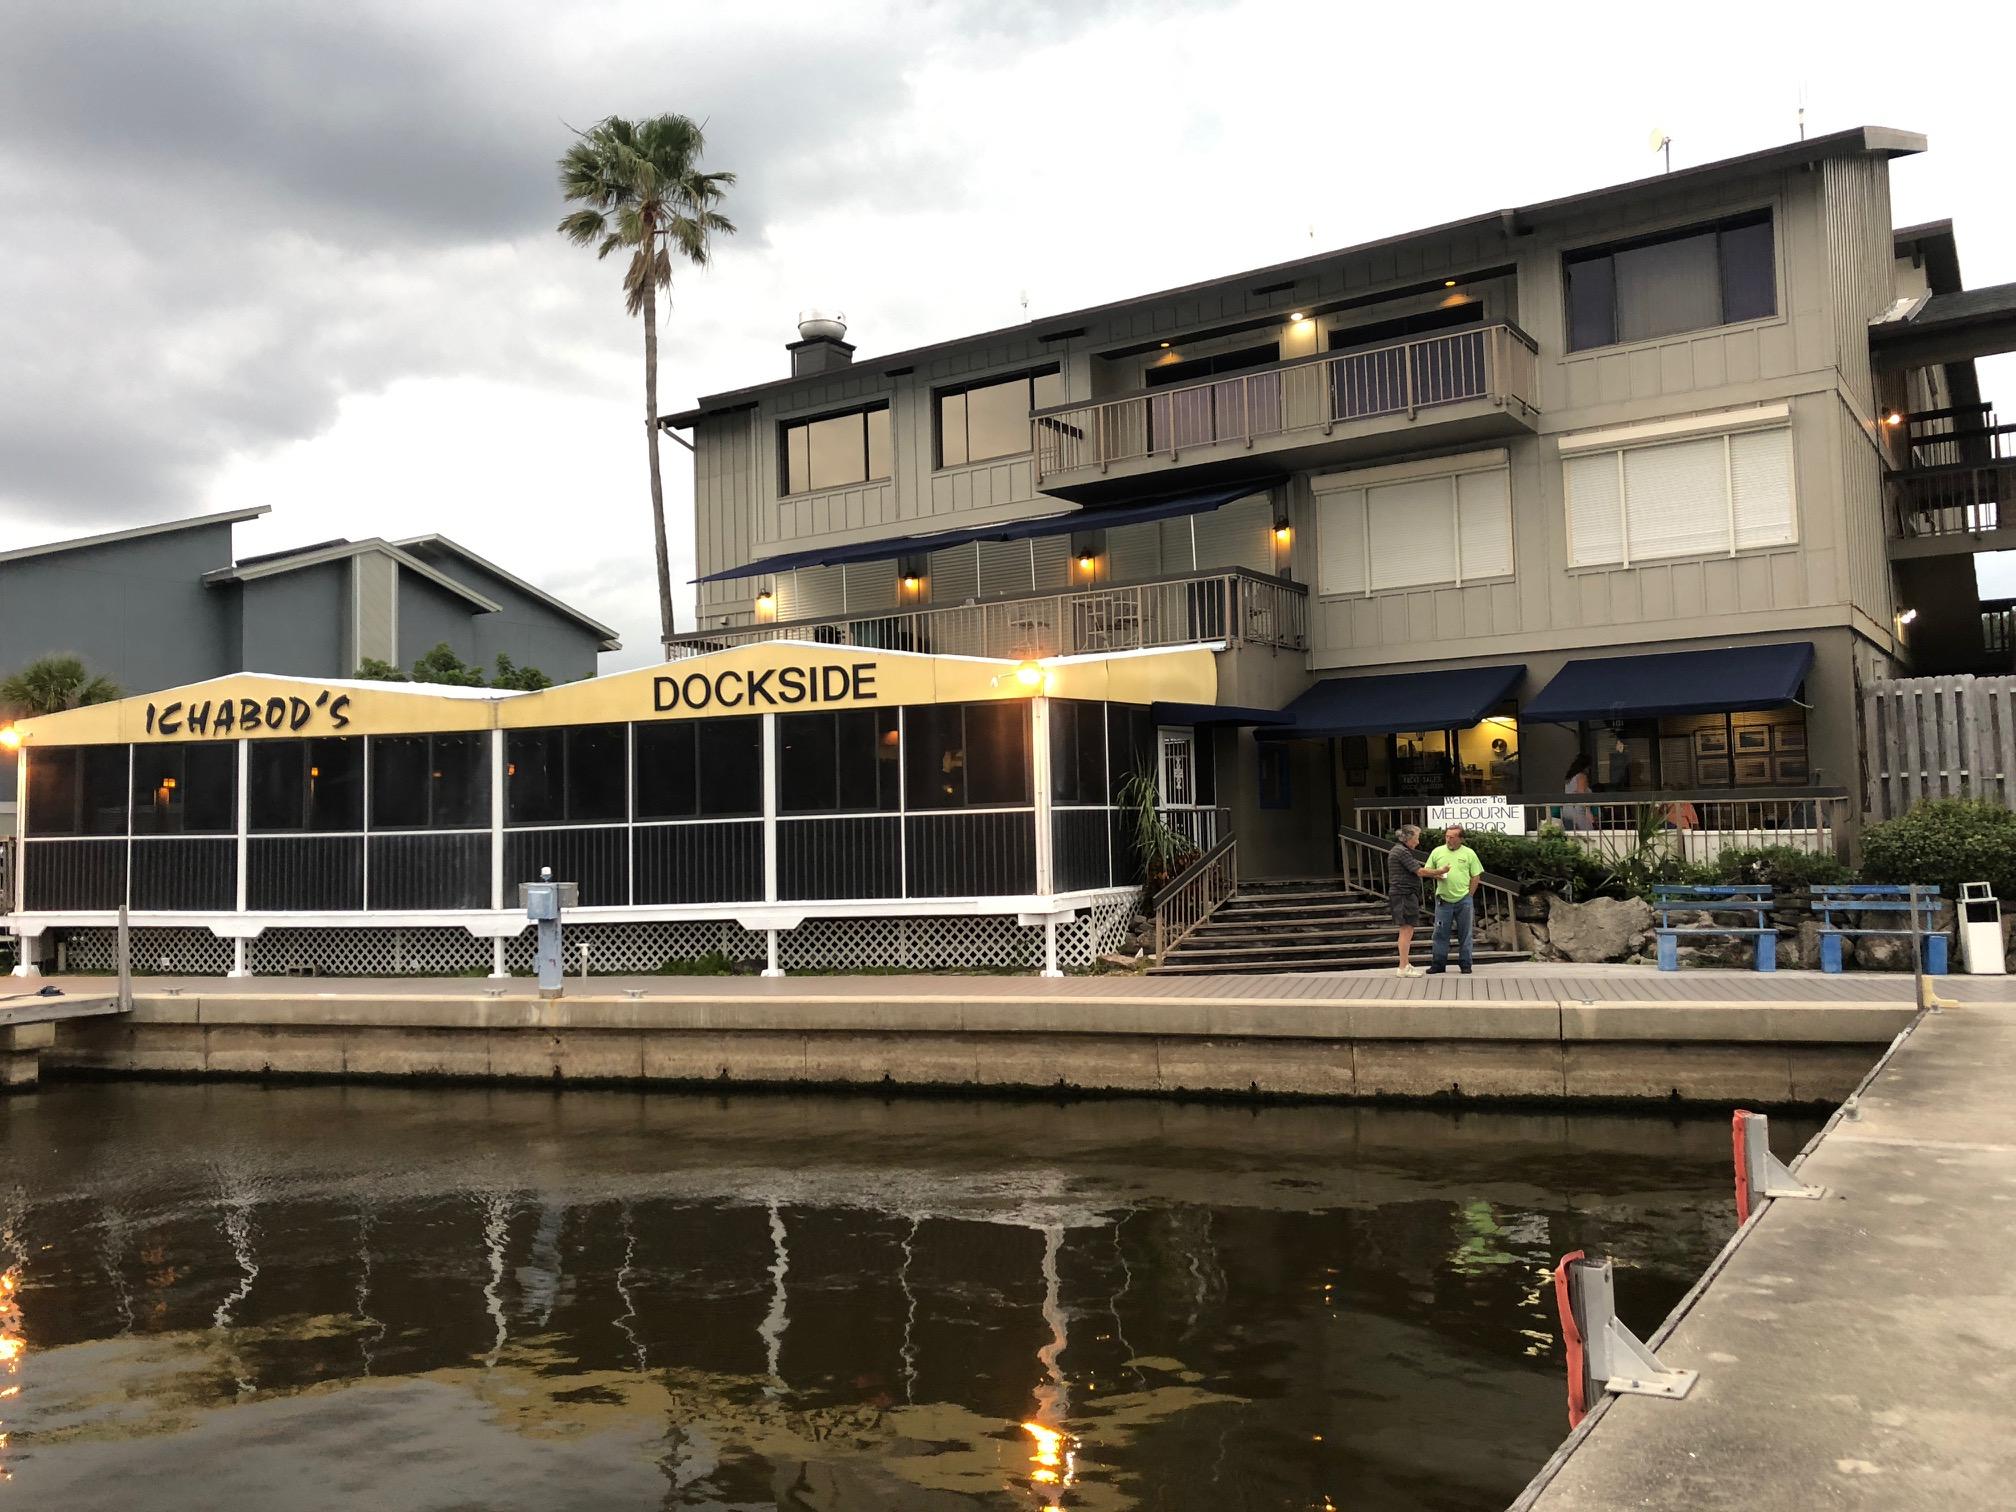 ichabods dockside